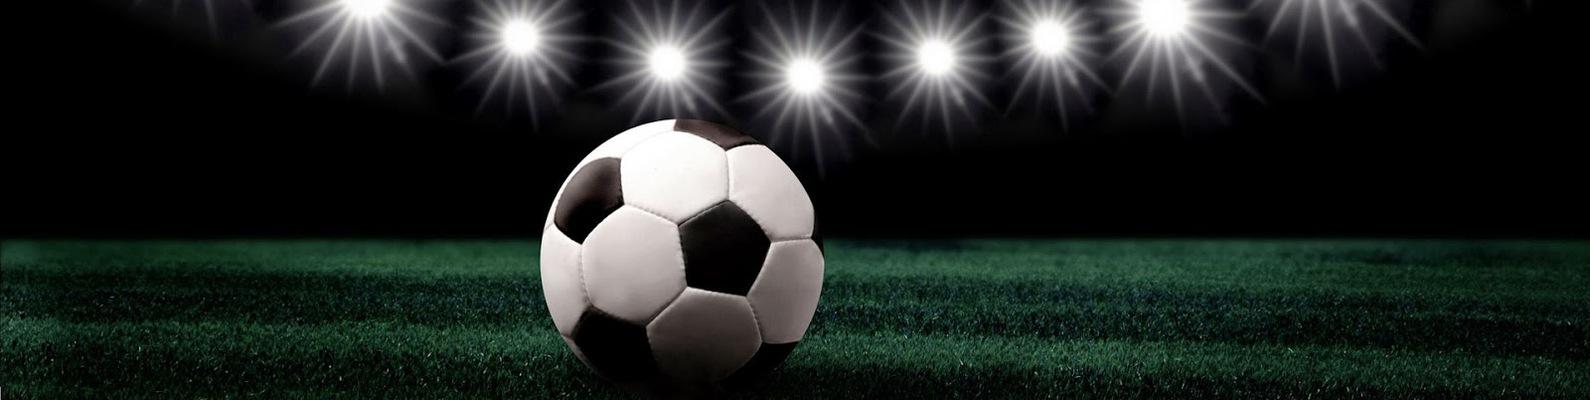 Лучший телеграмм канал со ставками на спорт